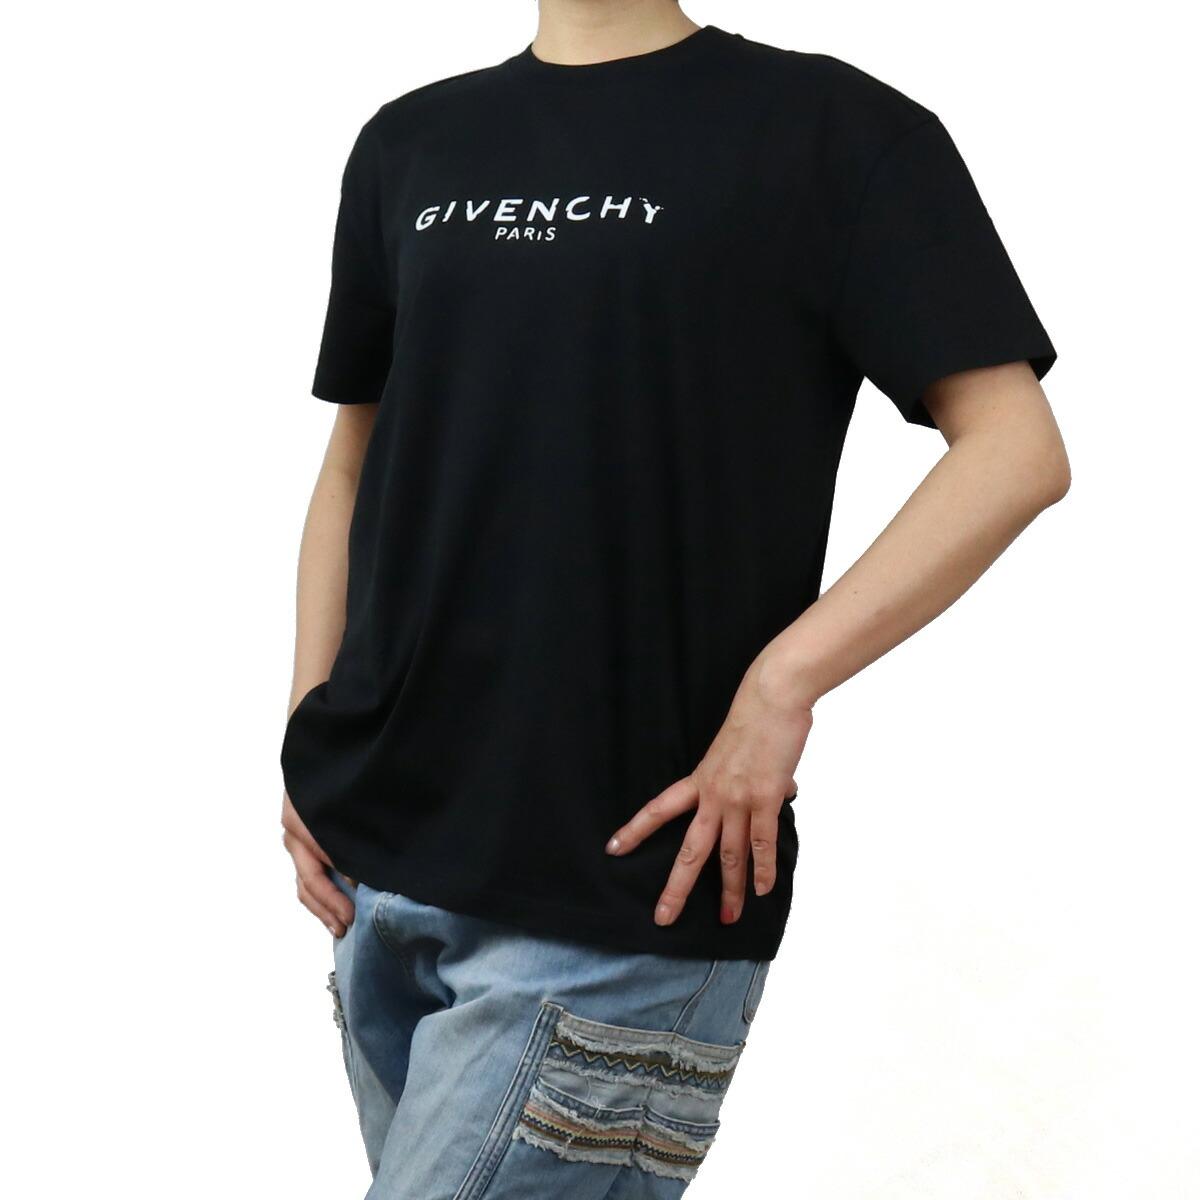 ジバンシー GIVENCHY レディース-Tシャツ BW708F 3Z0Y 001 BLACK ブラック bos-05 apparel-01 レディース